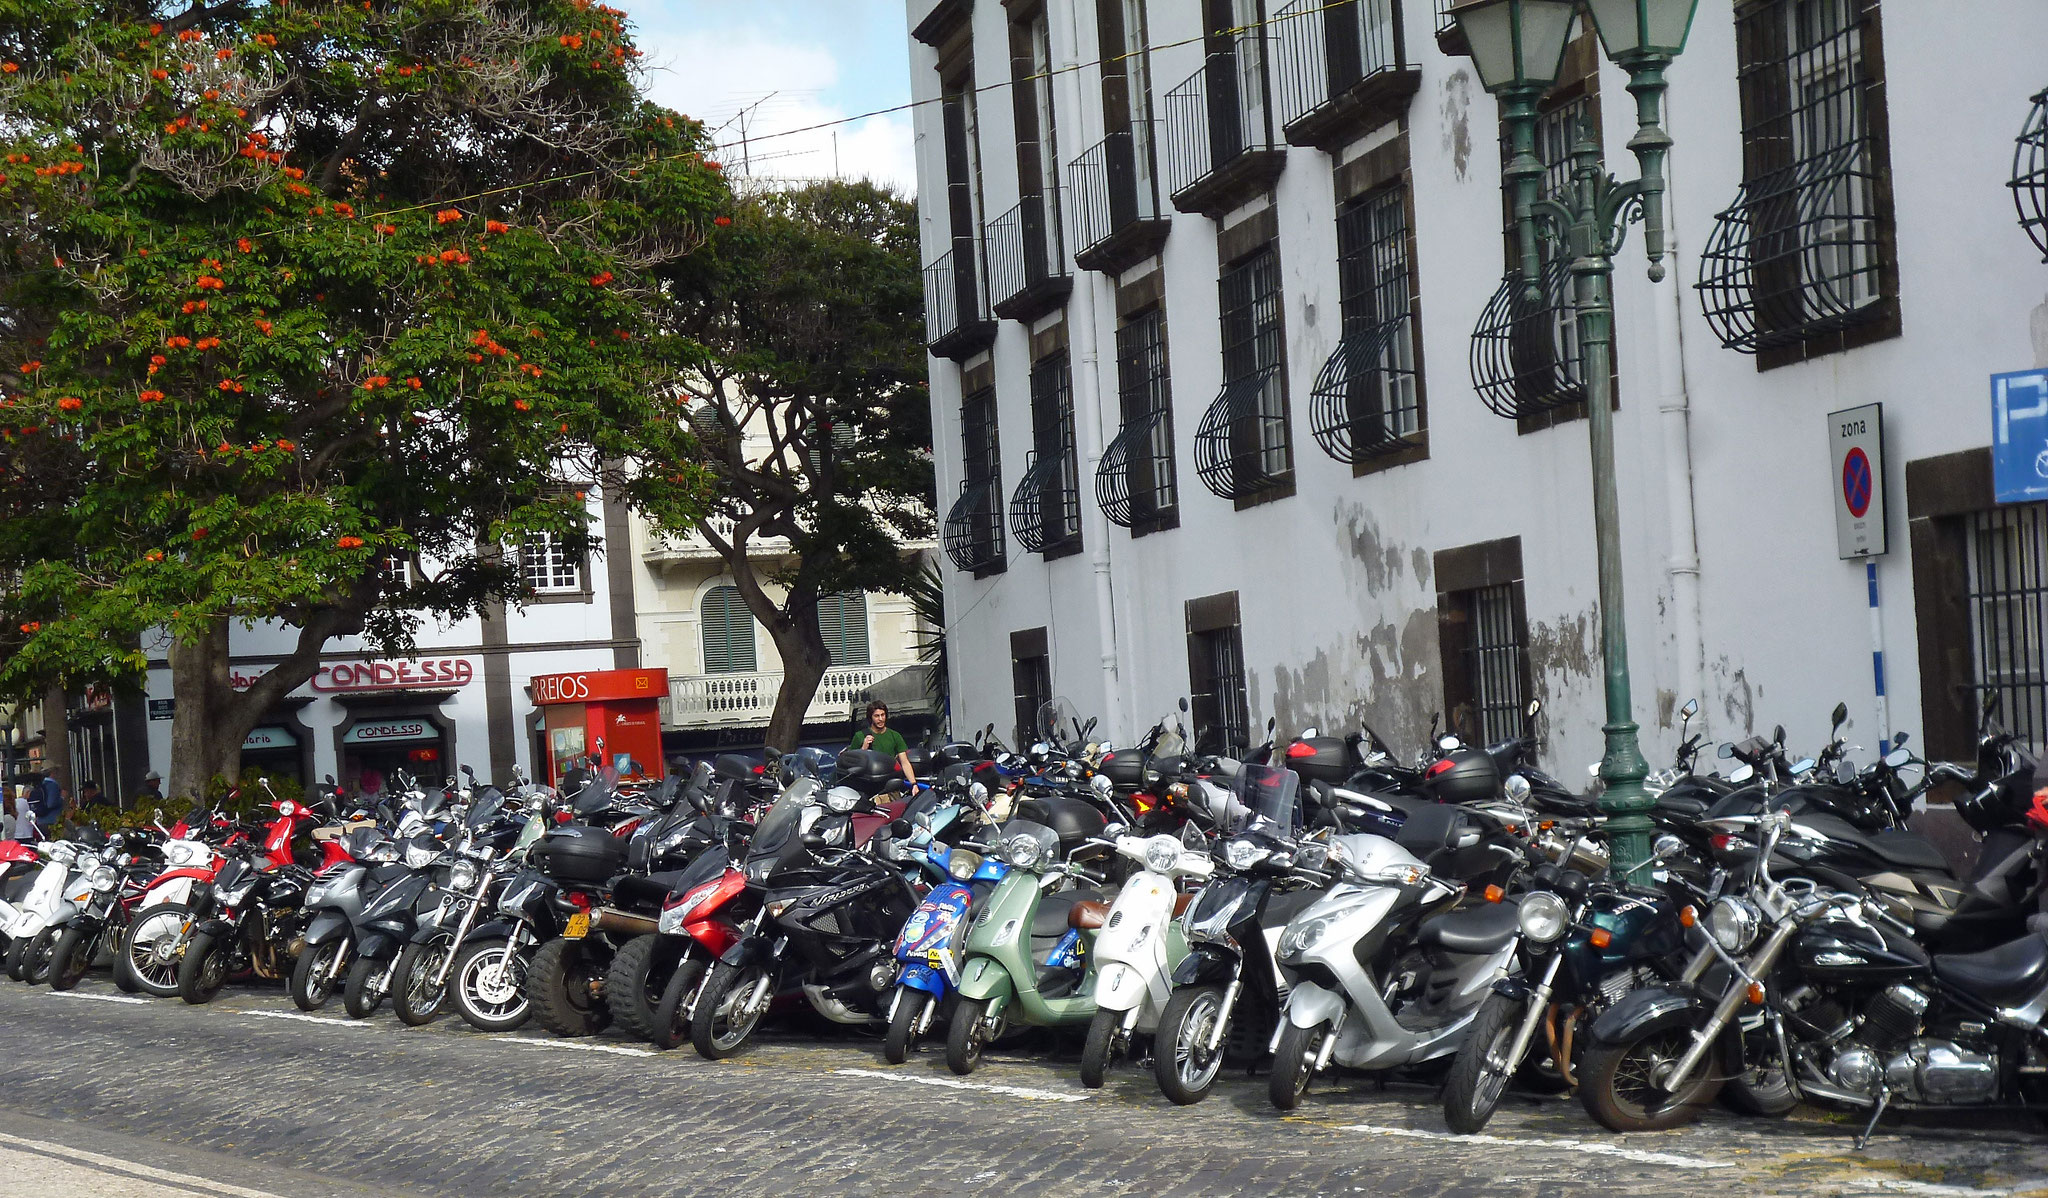 Bild 43 In den Straßen von Funchal